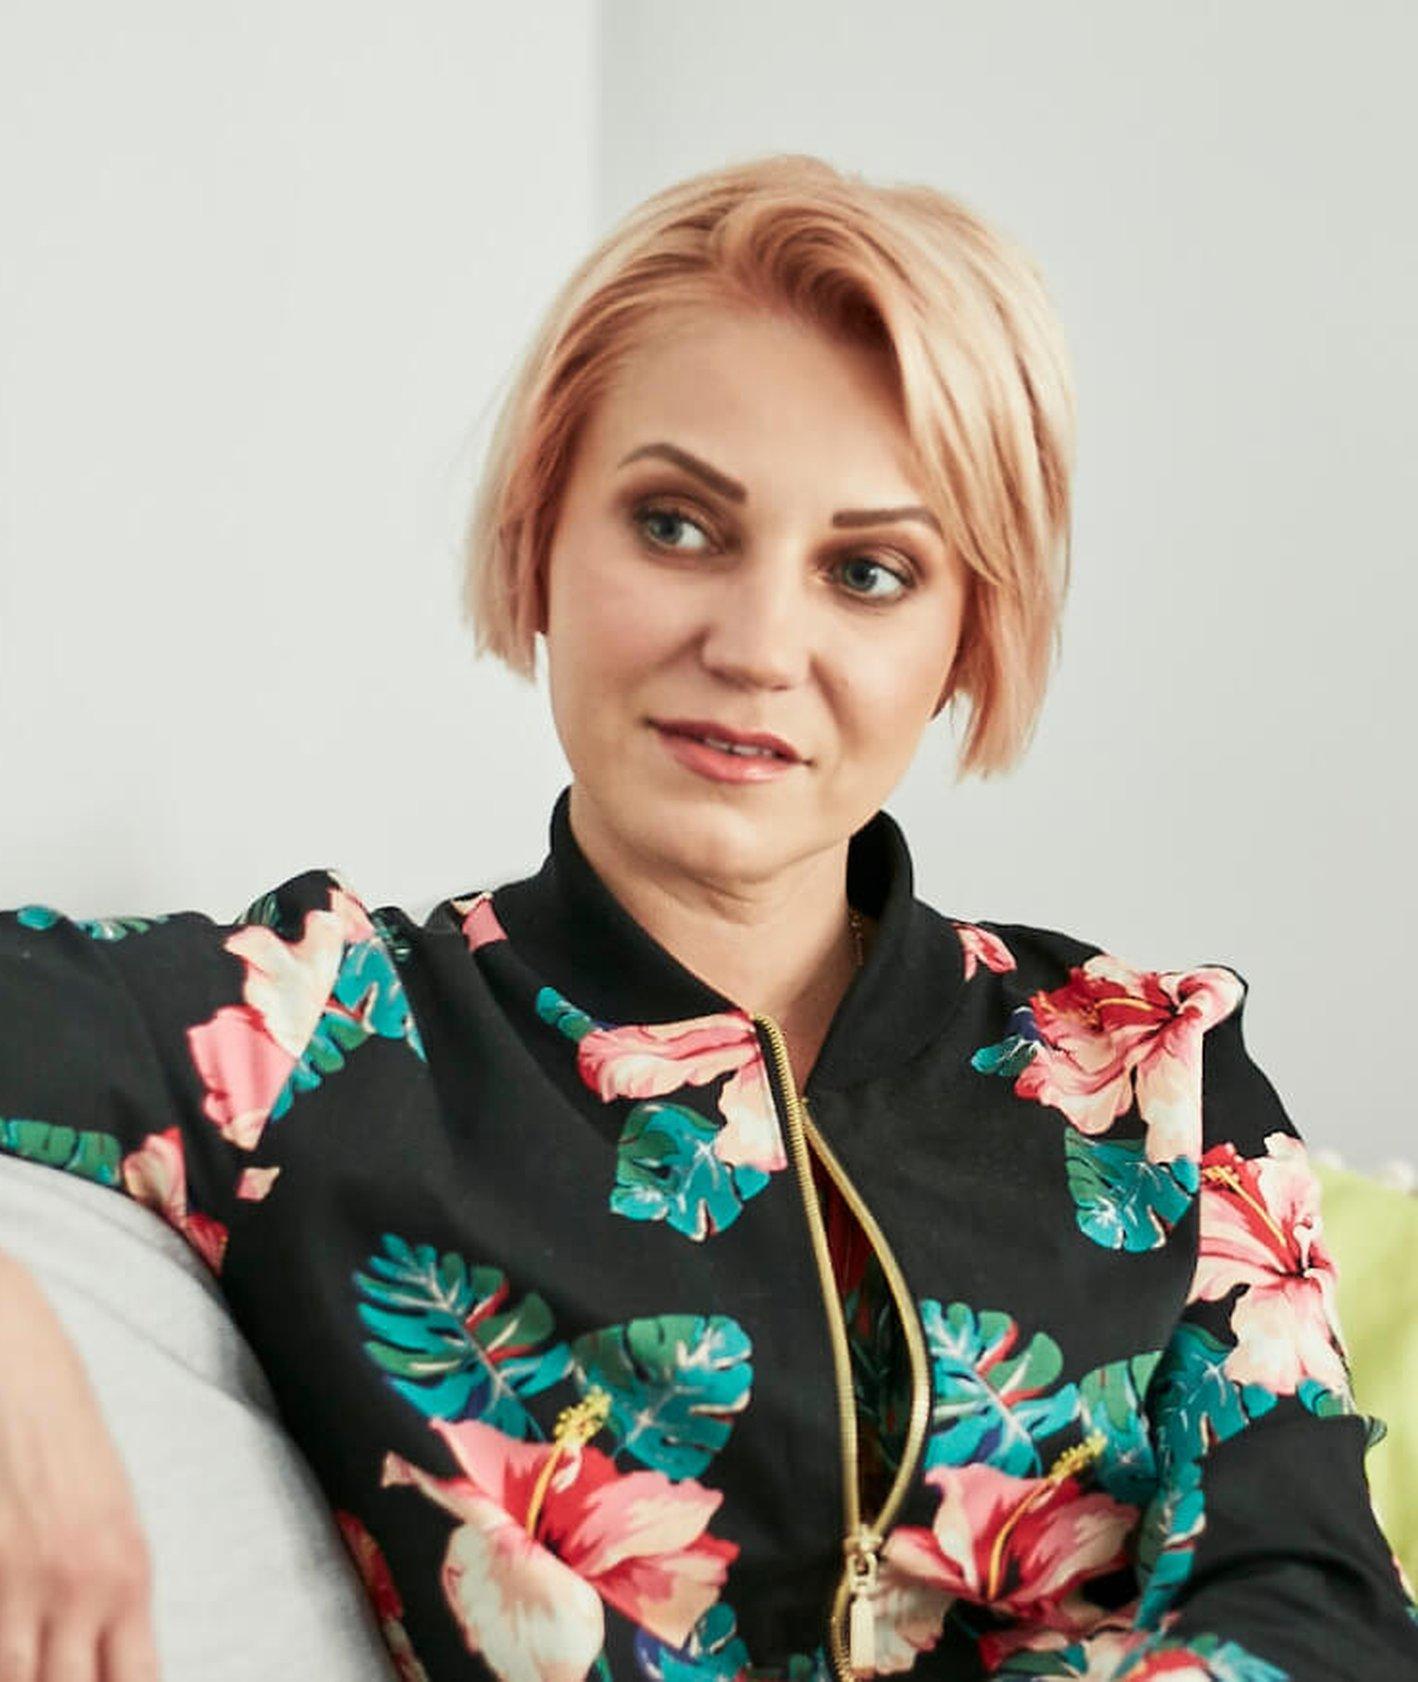 Daria Ładocha siedząca na kanapie podczas wywiadu (fot. Bernard Hołdys)